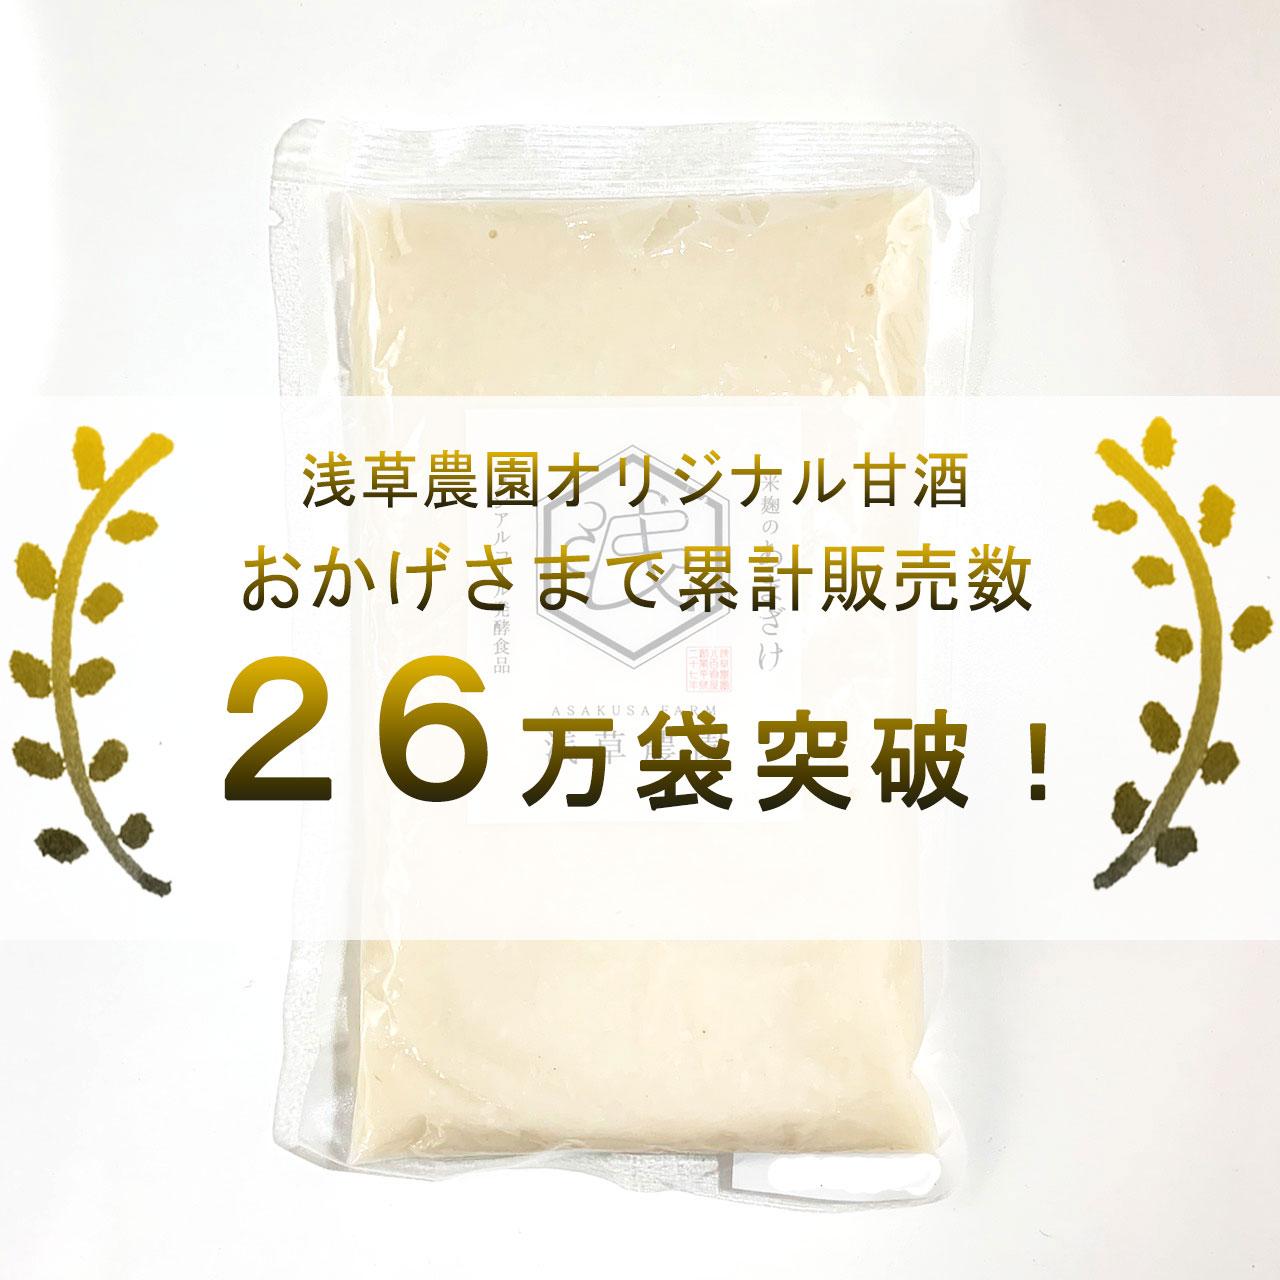 ○【定期購入商品】甘酒20袋セット